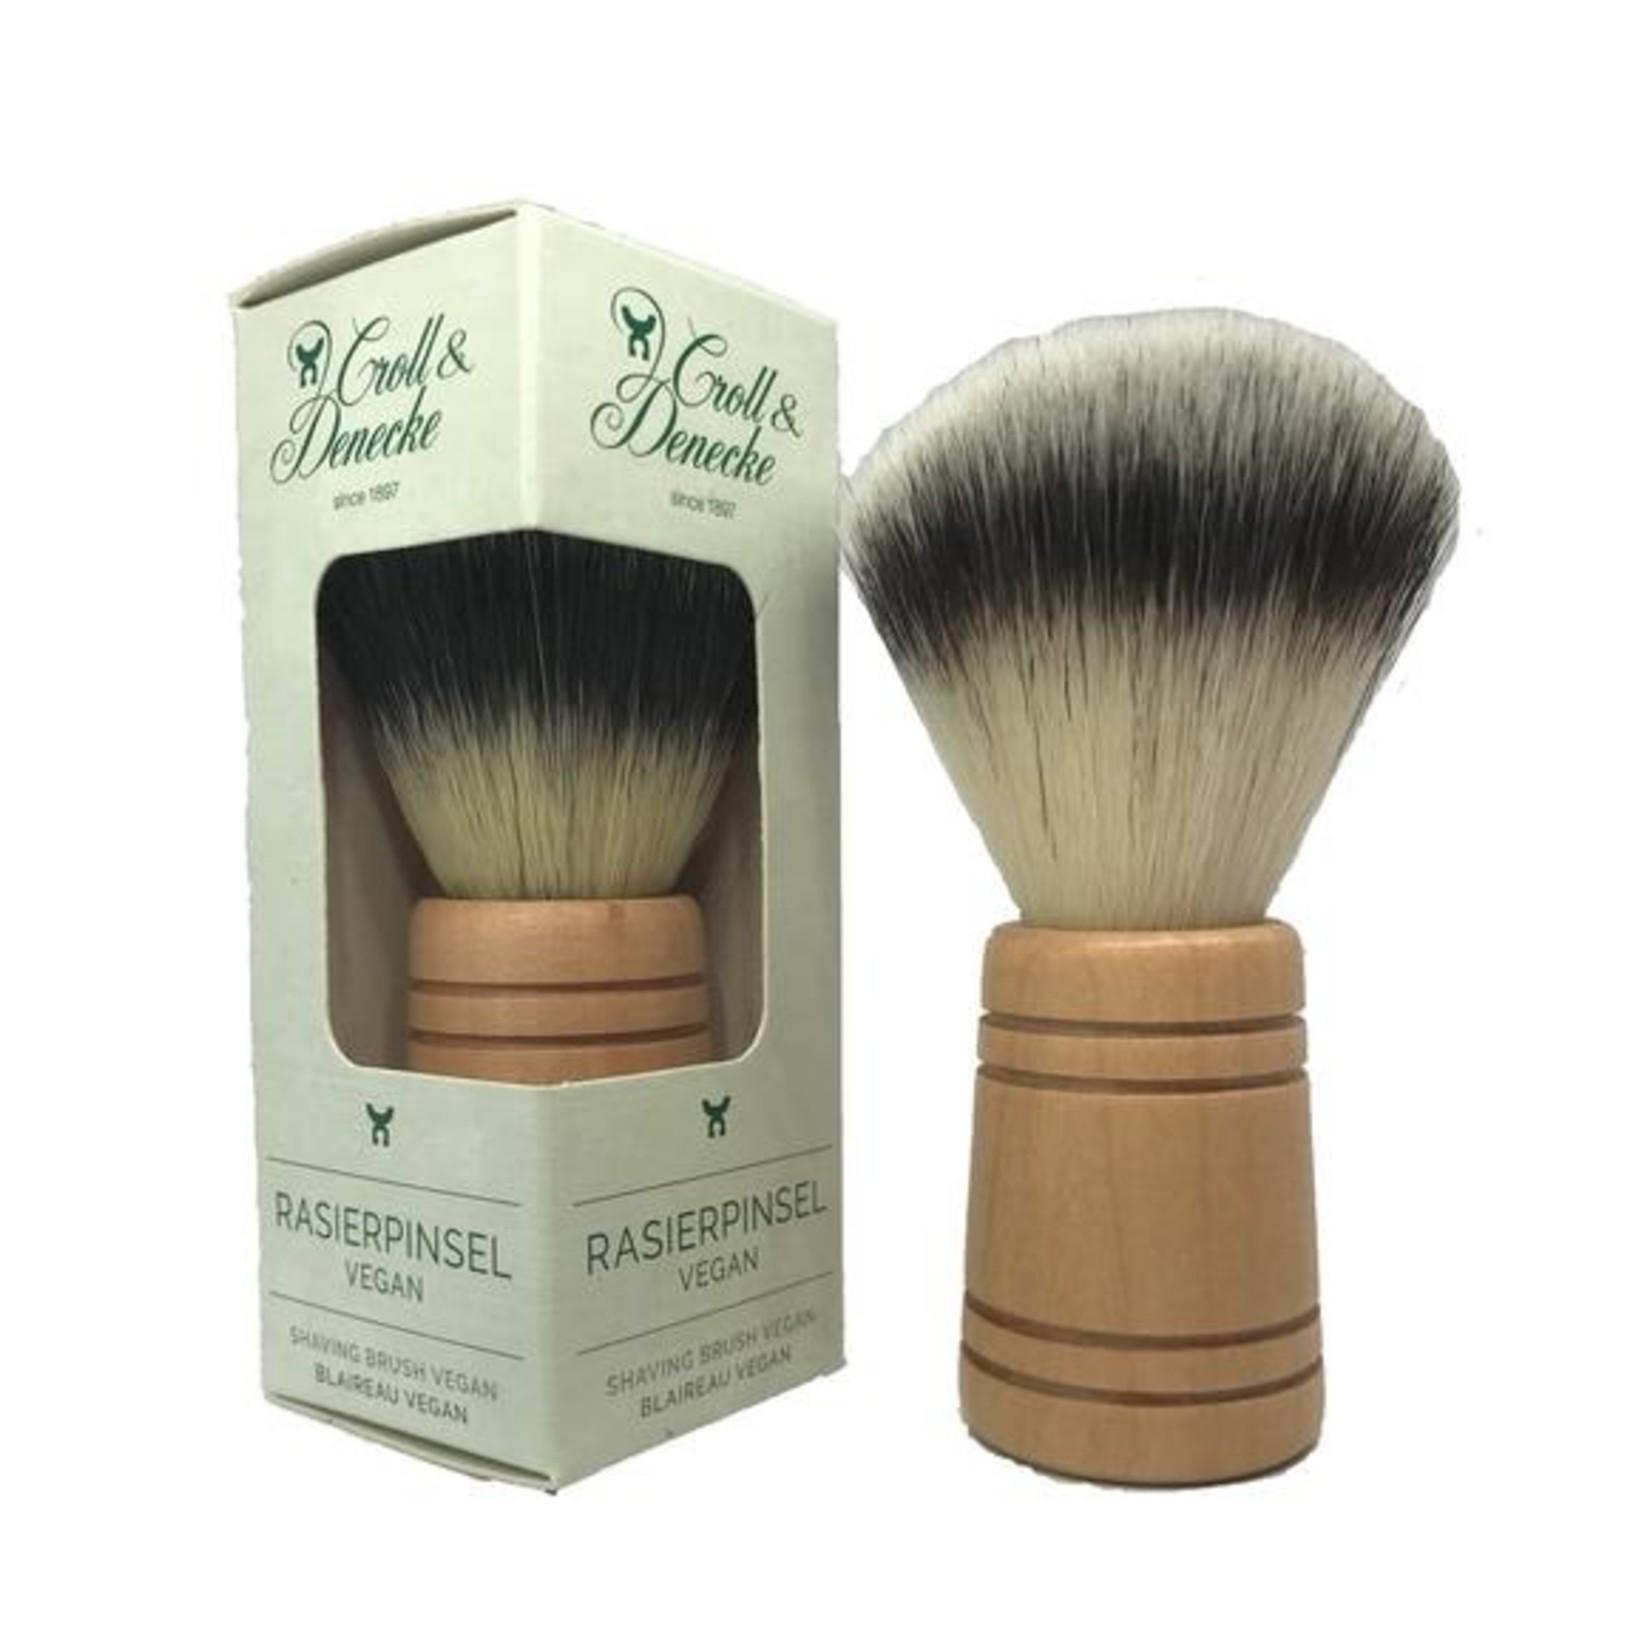 Croll  & Denecke Croll & Denecke - Vegan Shaving Brush made of beech wood